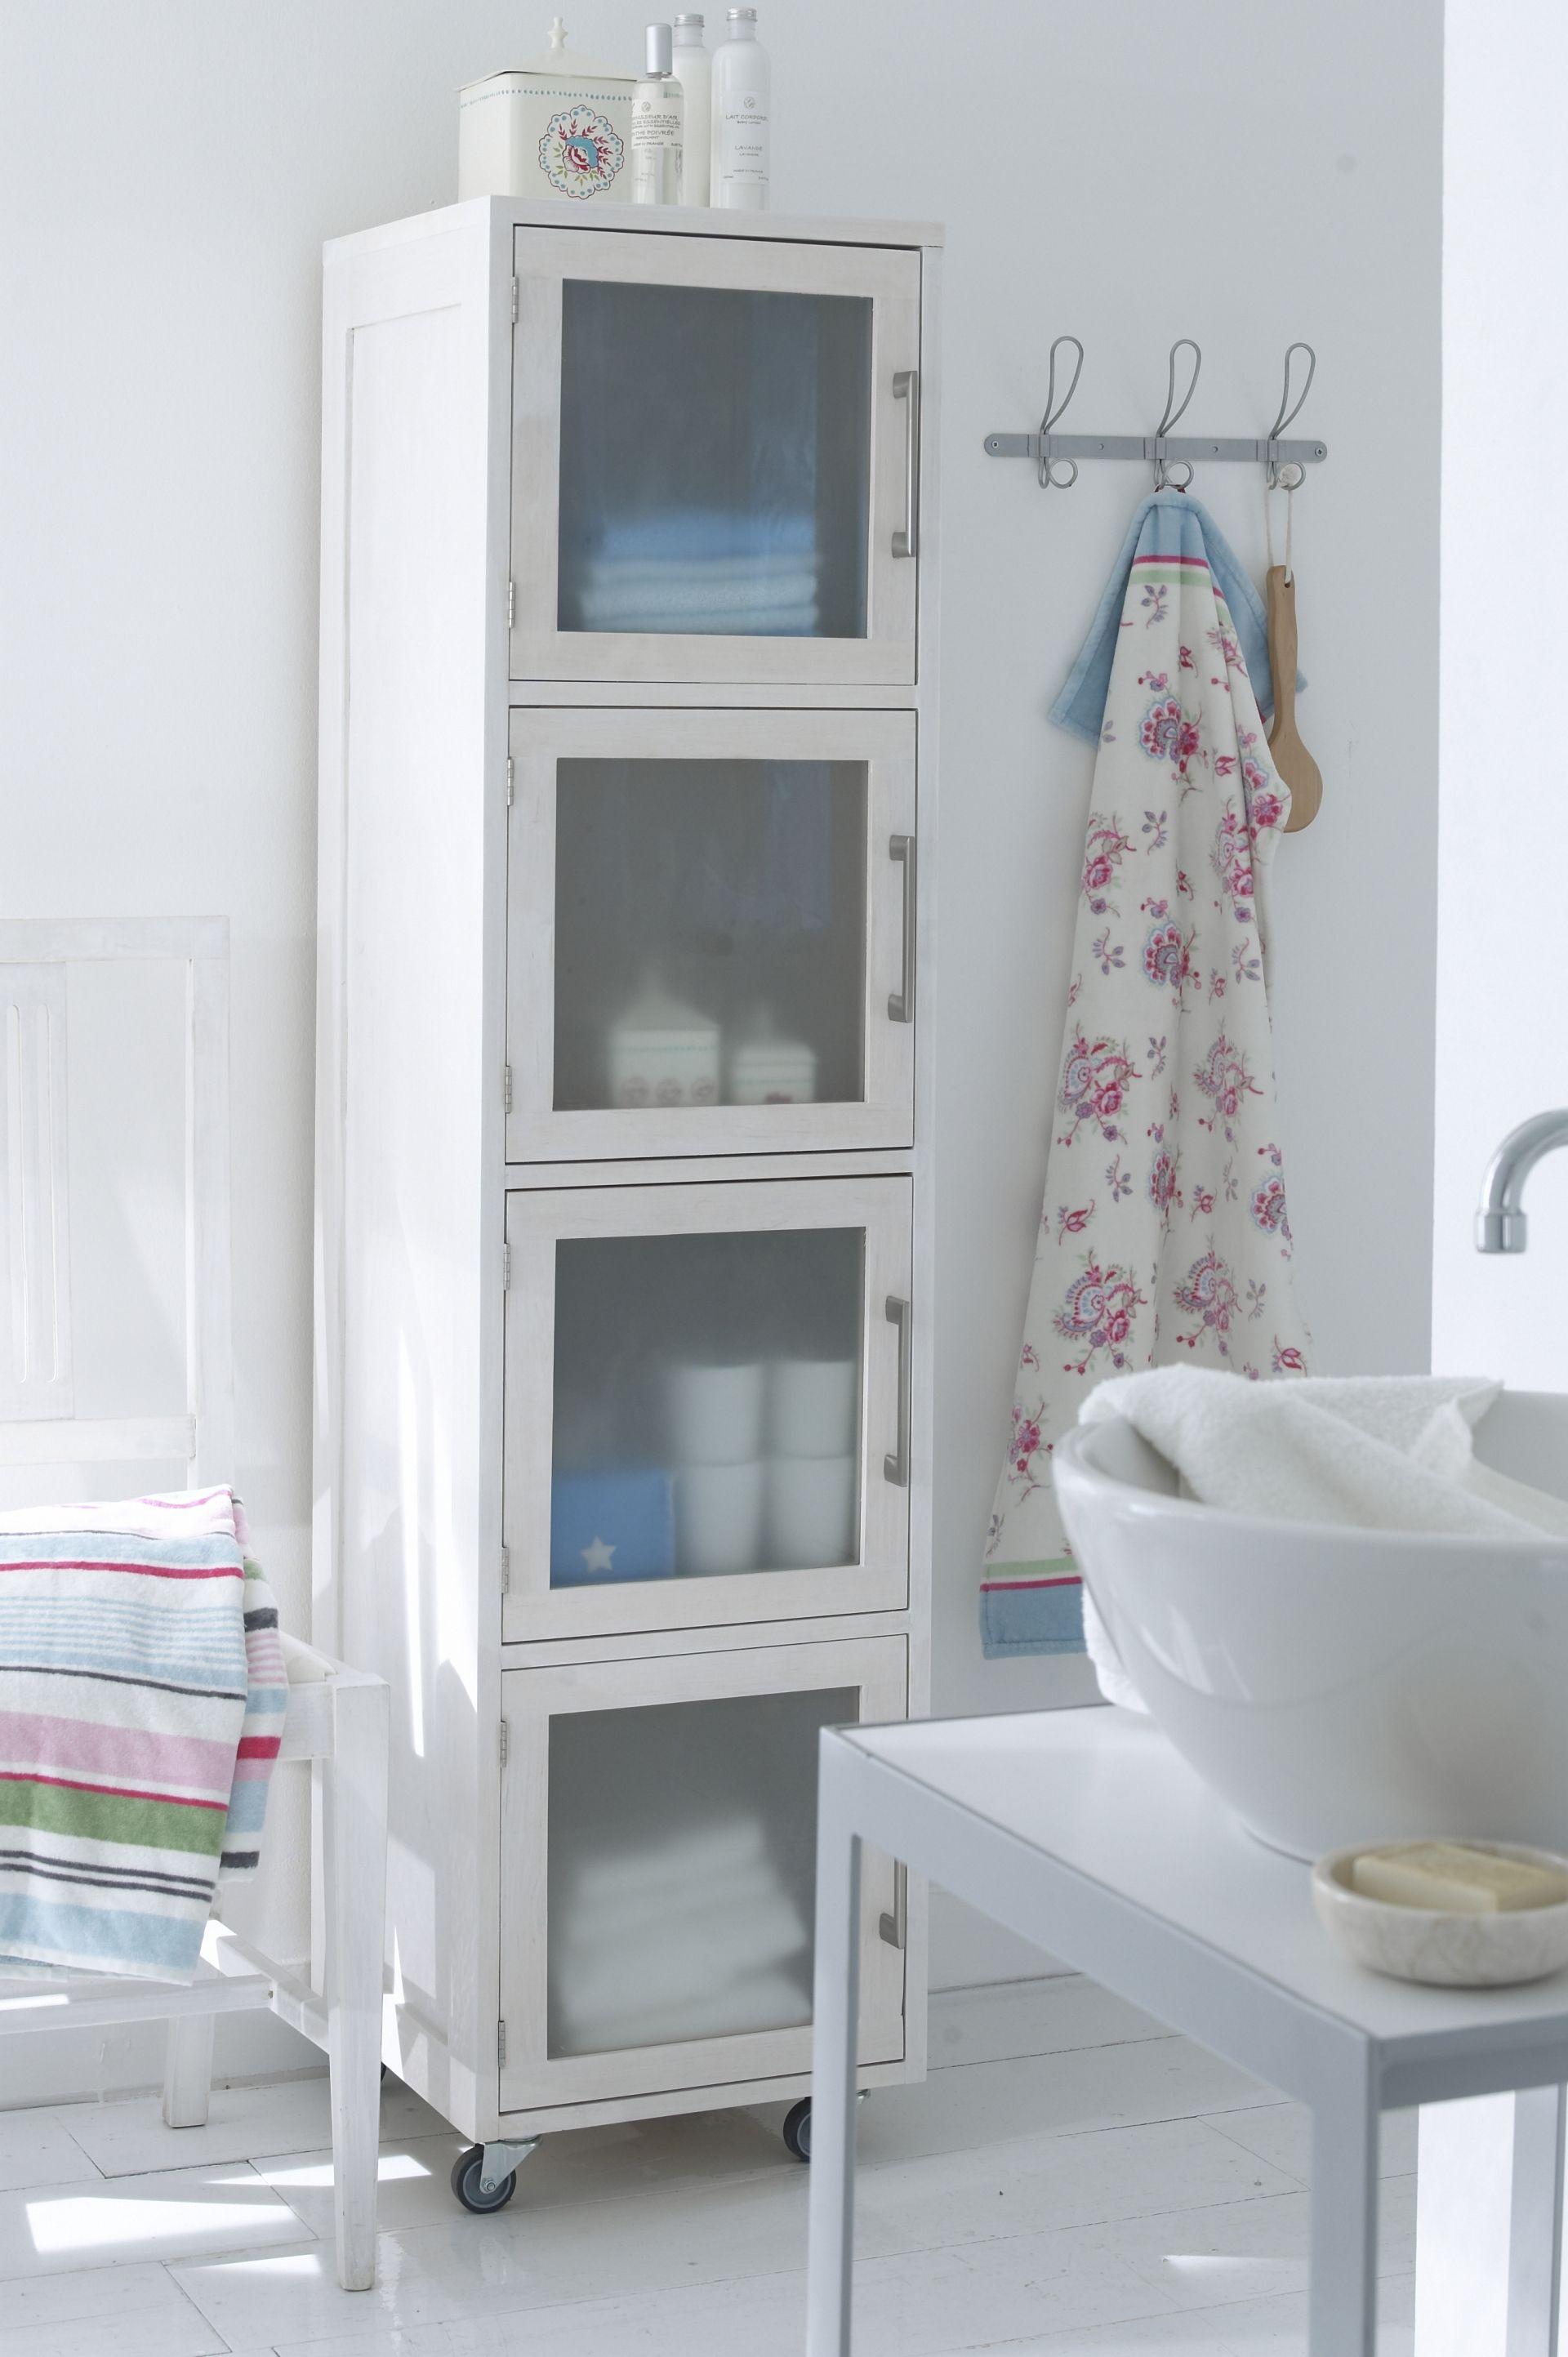 Badezimmer mit rollendem stauraum for Stauraum badezimmer